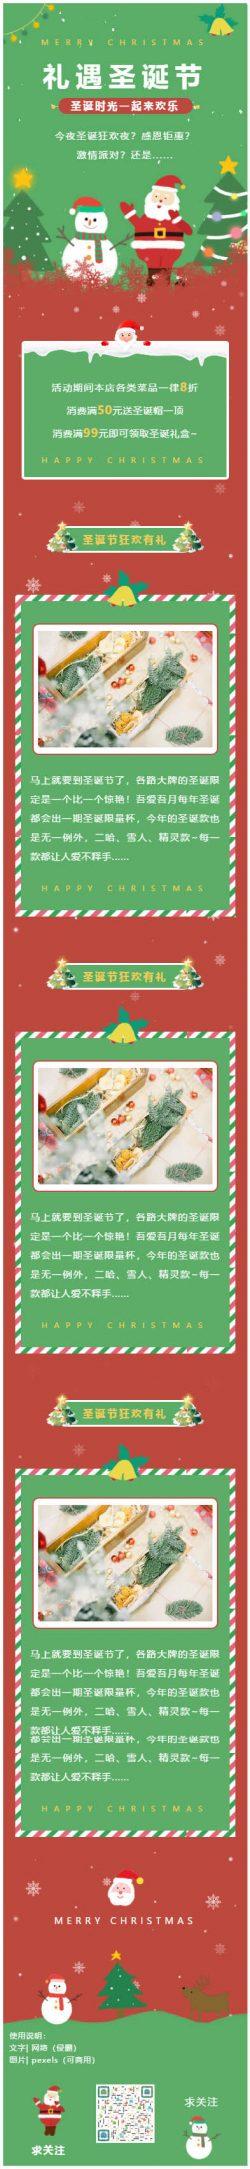 圣诞节电商微商促销活动微信模板公众号推文素材